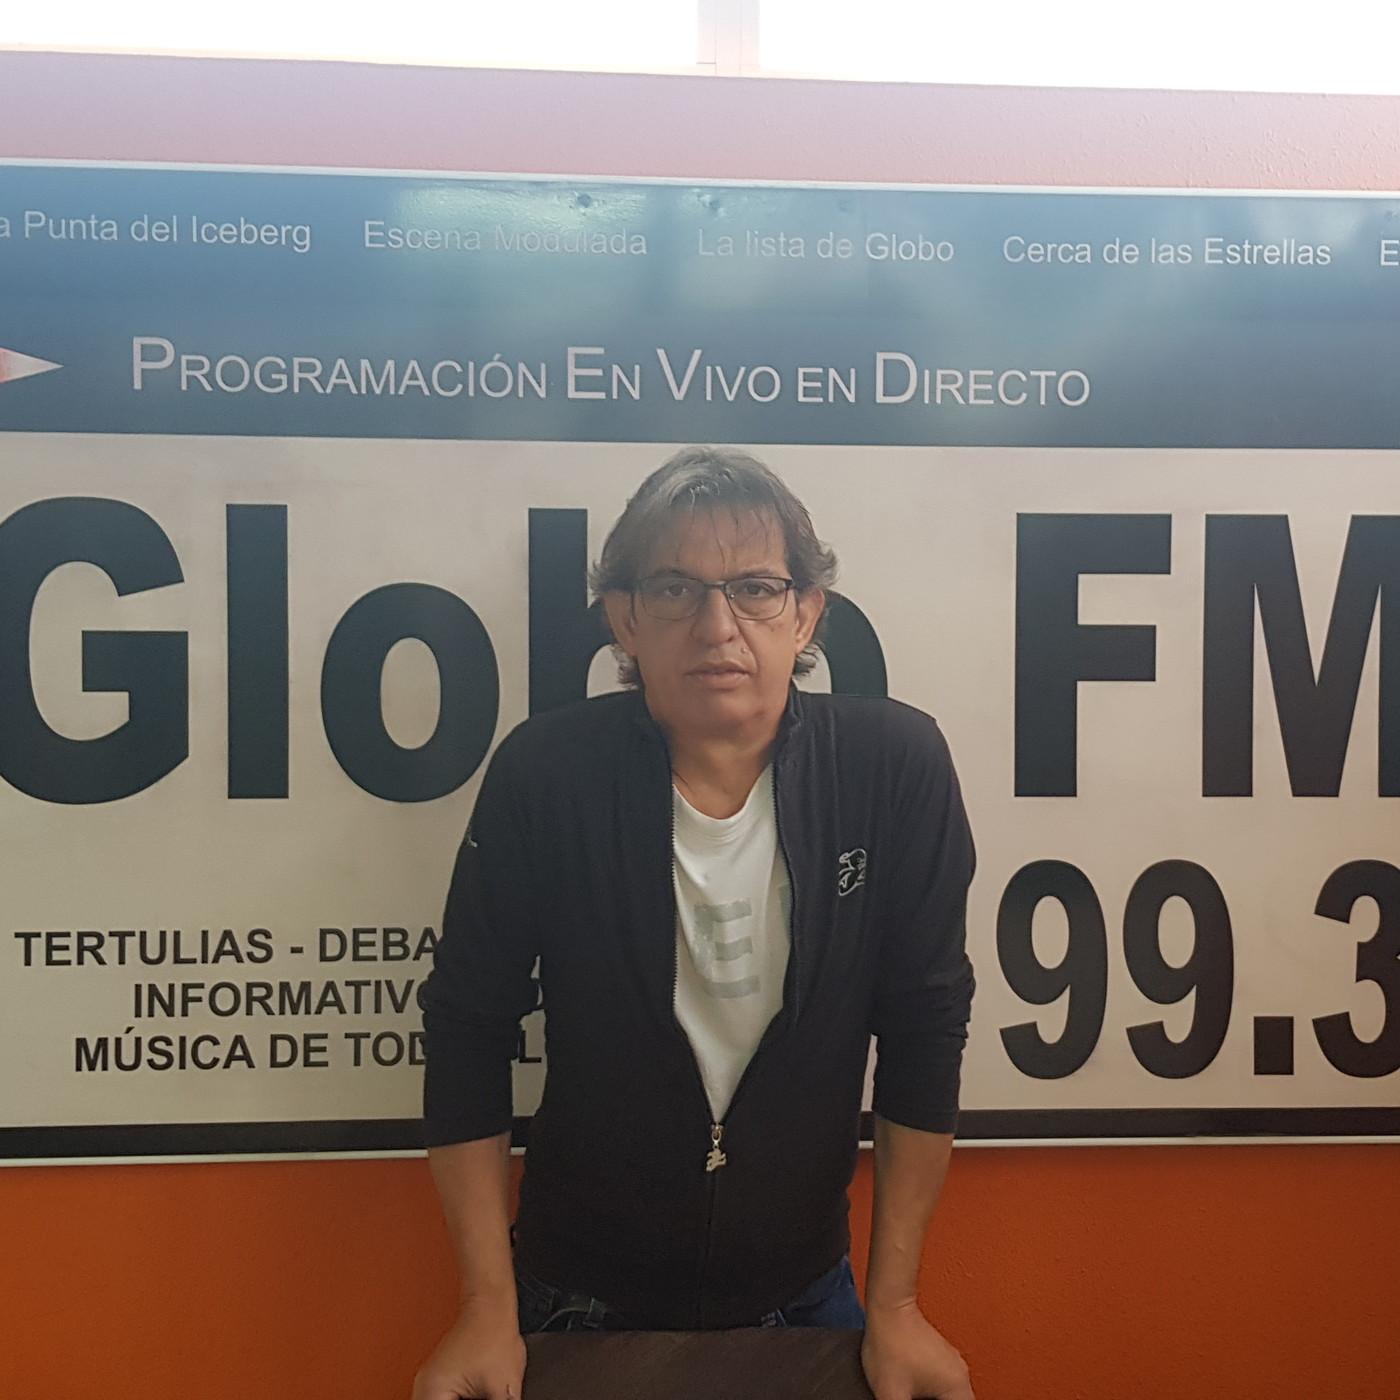 LAS MAÑANAS DE GLOBO. Miércoles 3 junio 2020. Con Miguel Ángel Parejo.